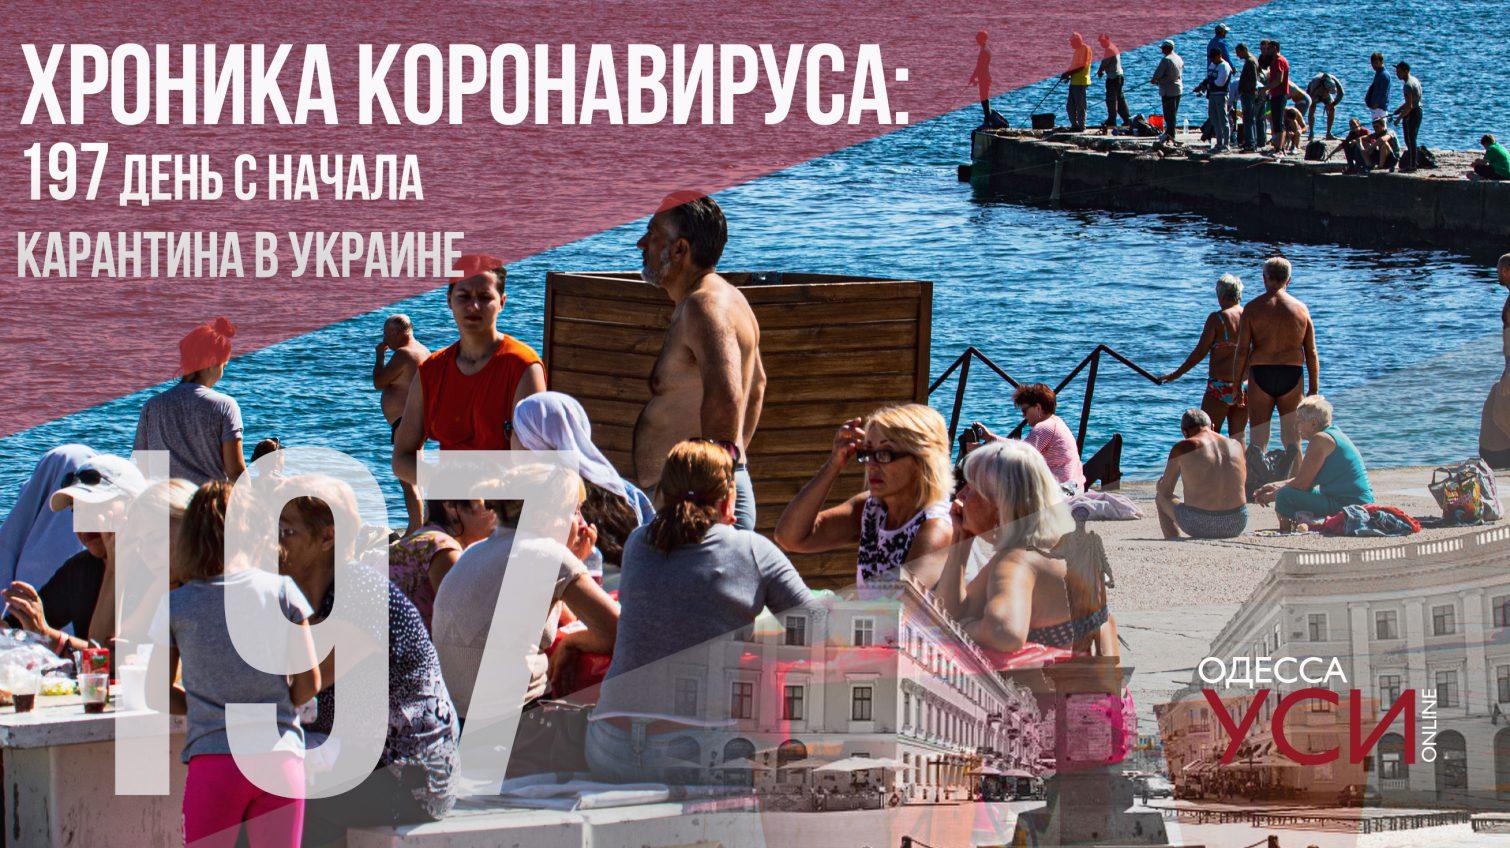 Хроника коронавируса: 197 дней с начала карантина – более 3500 новых больных в Украине «фото»